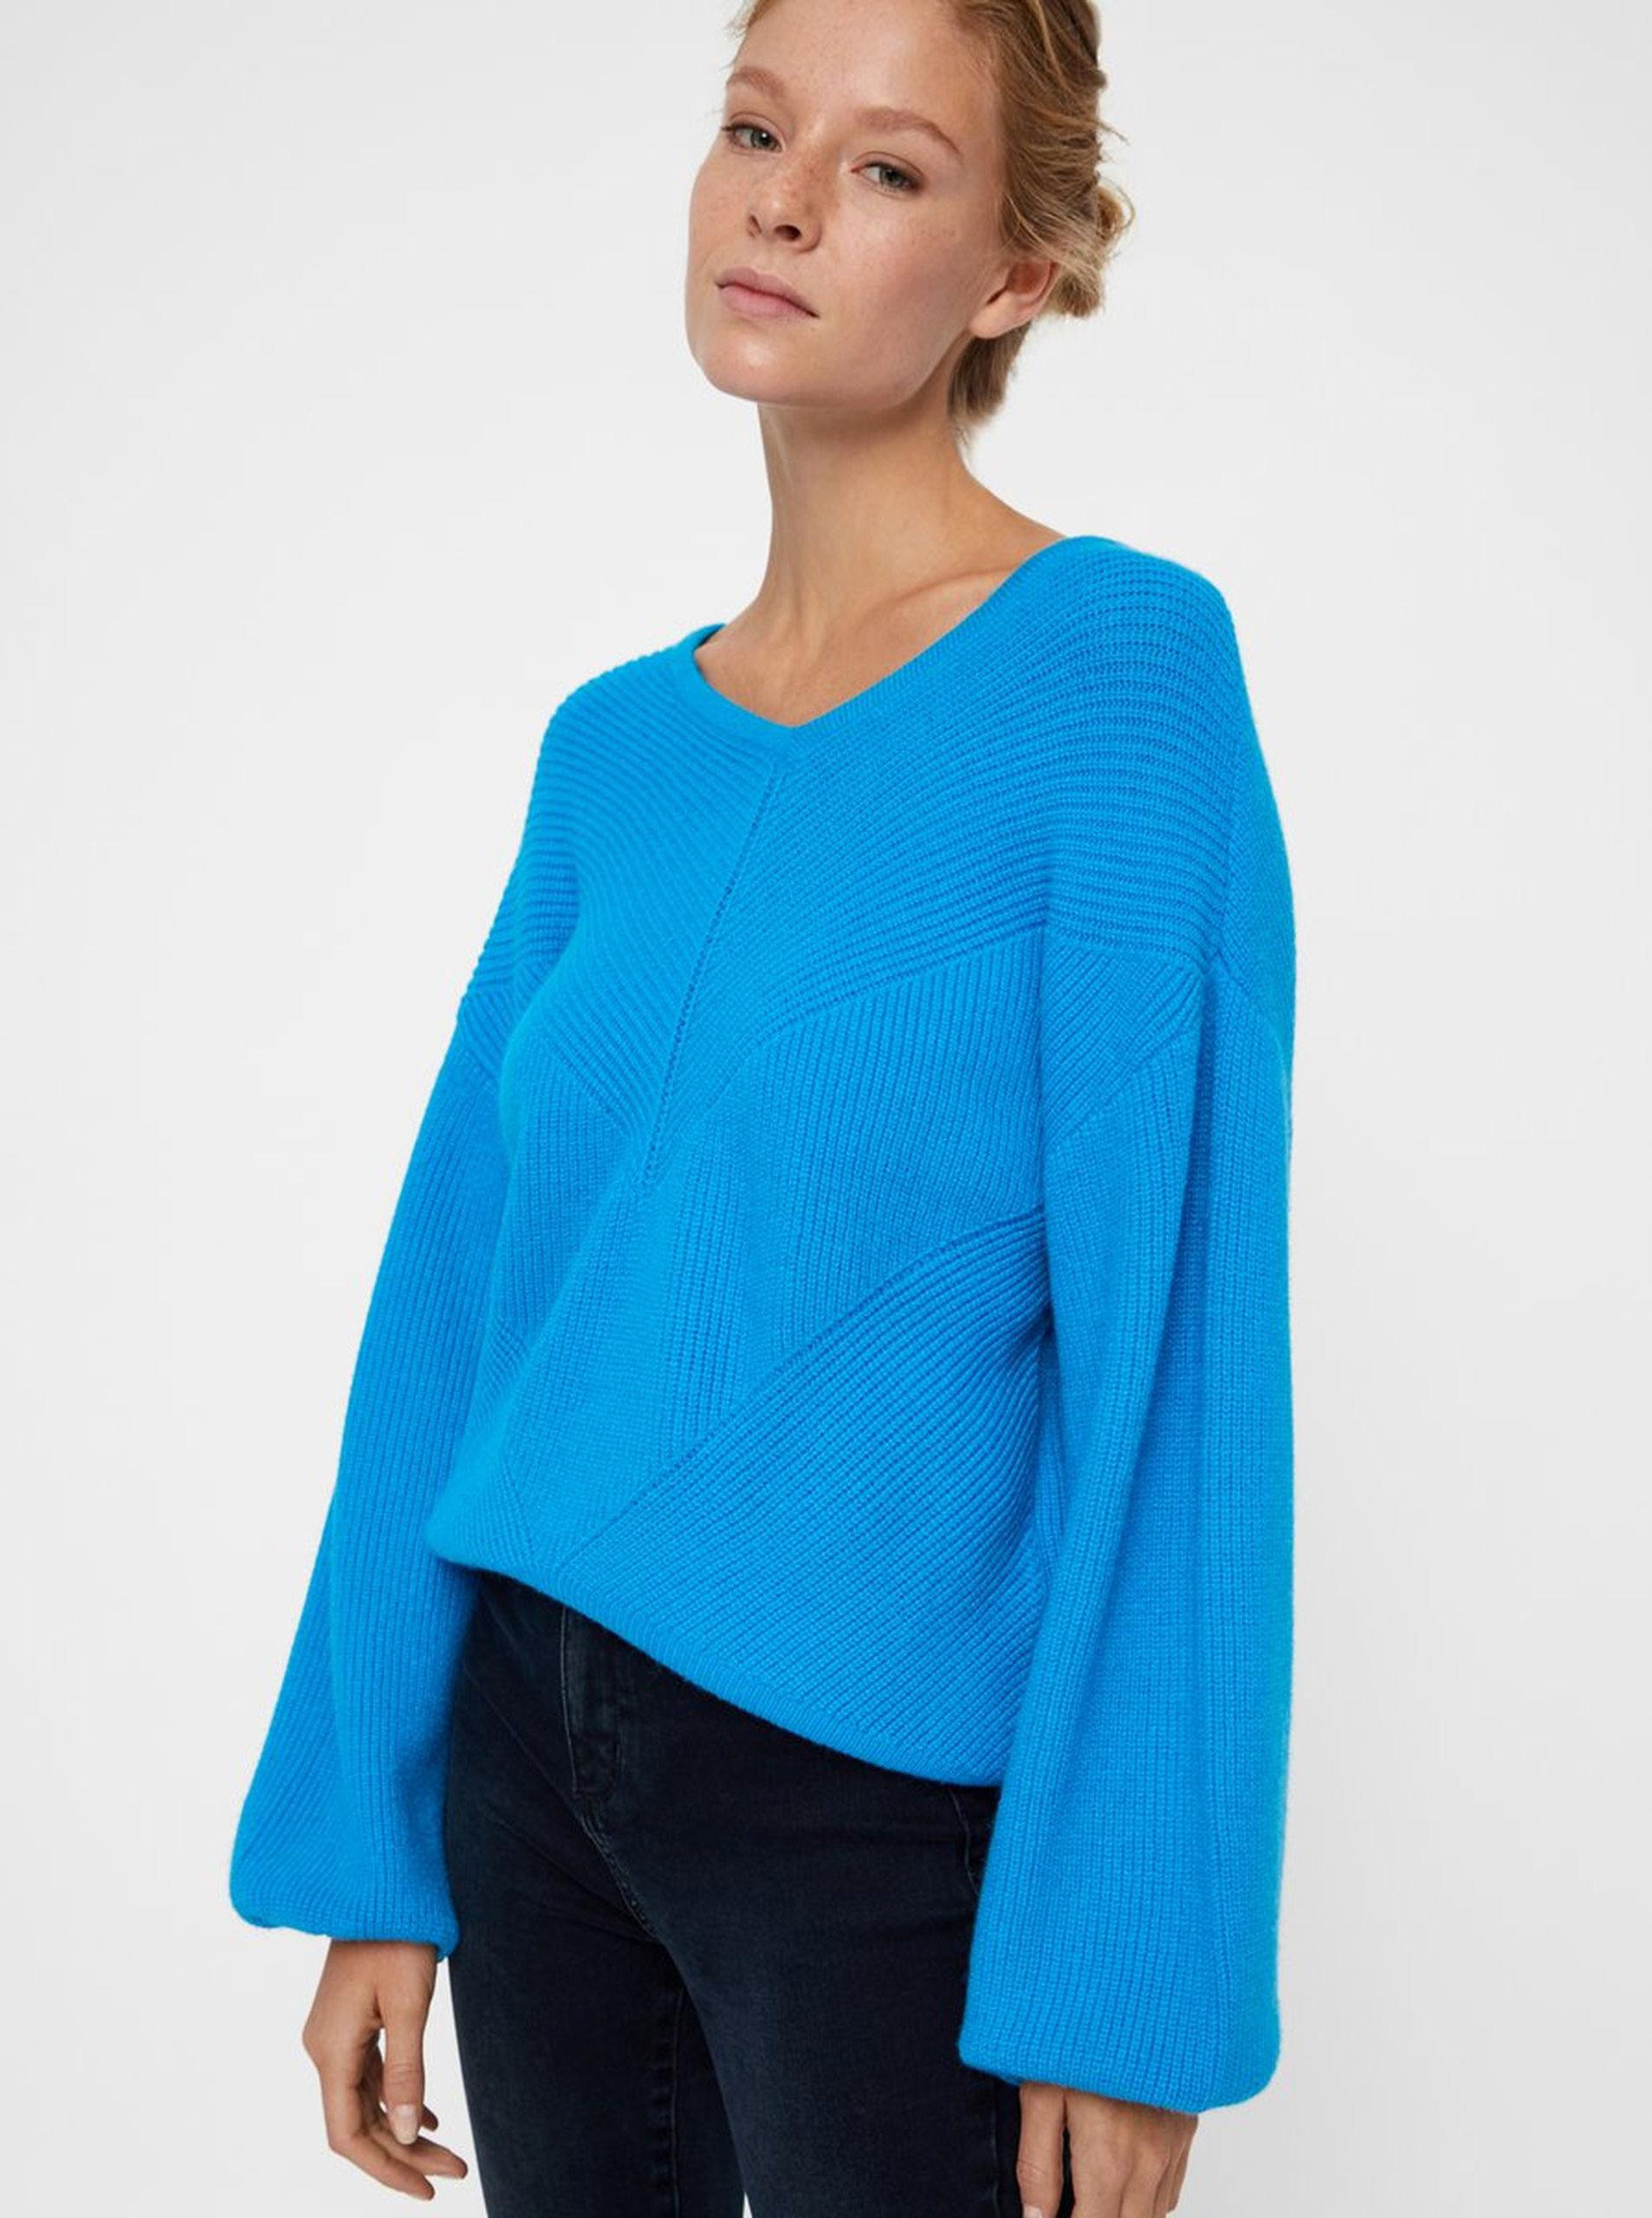 dd9379d29c4 Modrý pletený svetr s balónovými rukávy VERO MODA Diva ...